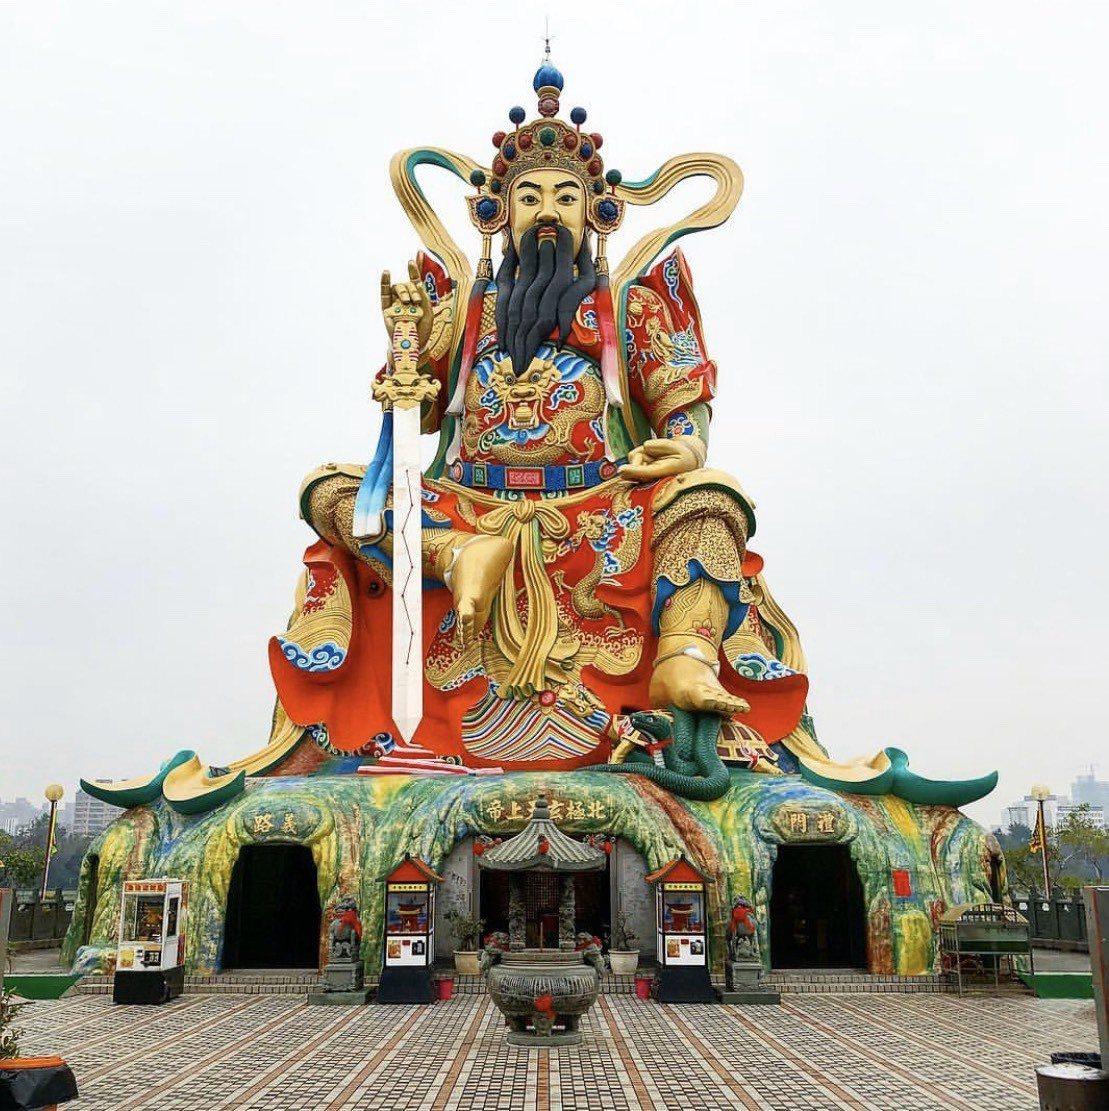 高雄「北極玄天上帝神像」高約72公尺。圖/取自IG:itshomario